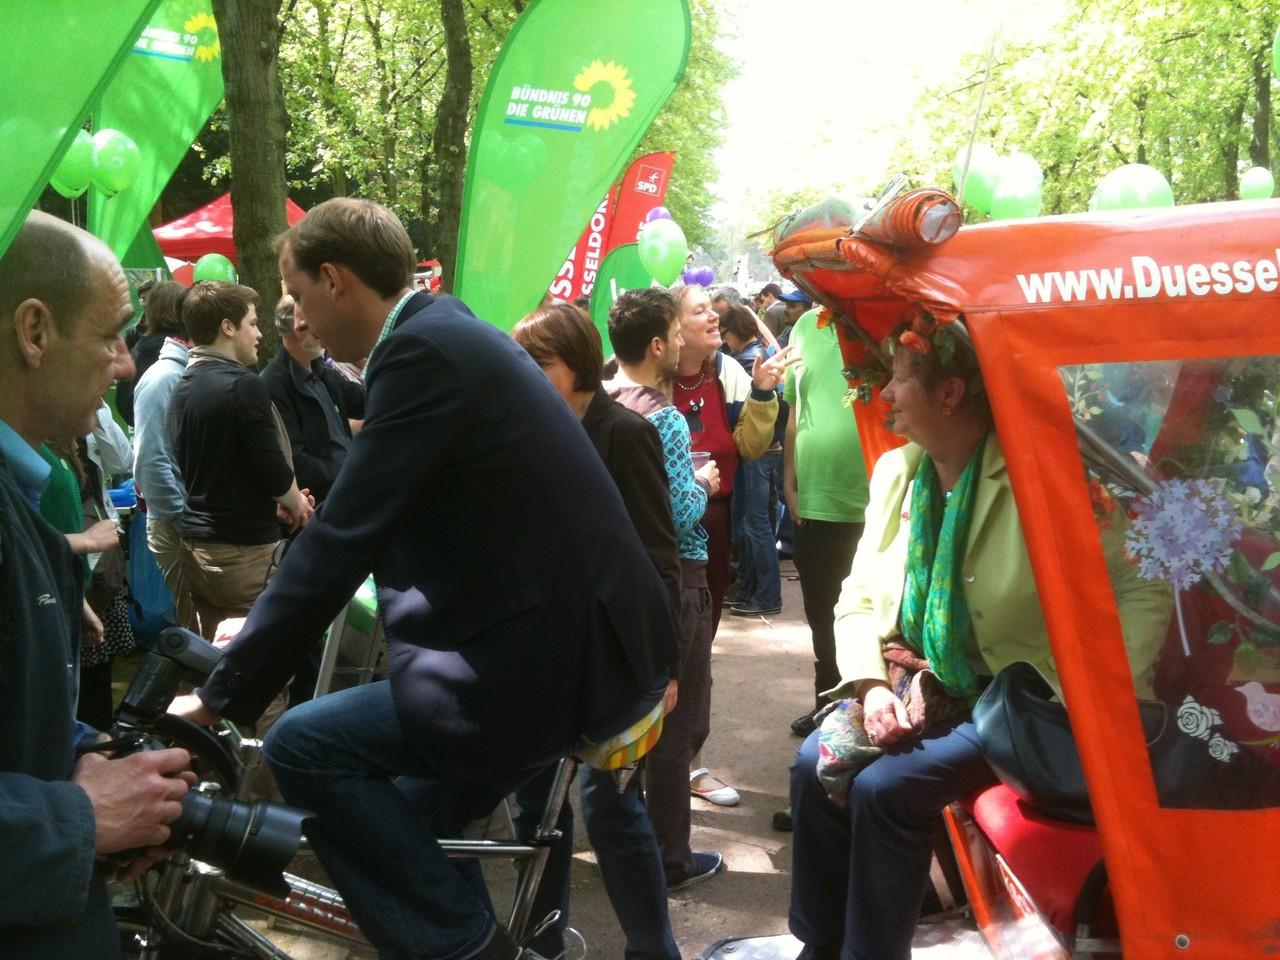 Werbefahrt, Die Gruenen NRW, 1. Mai 2012, Hofgarten Duesseldorf